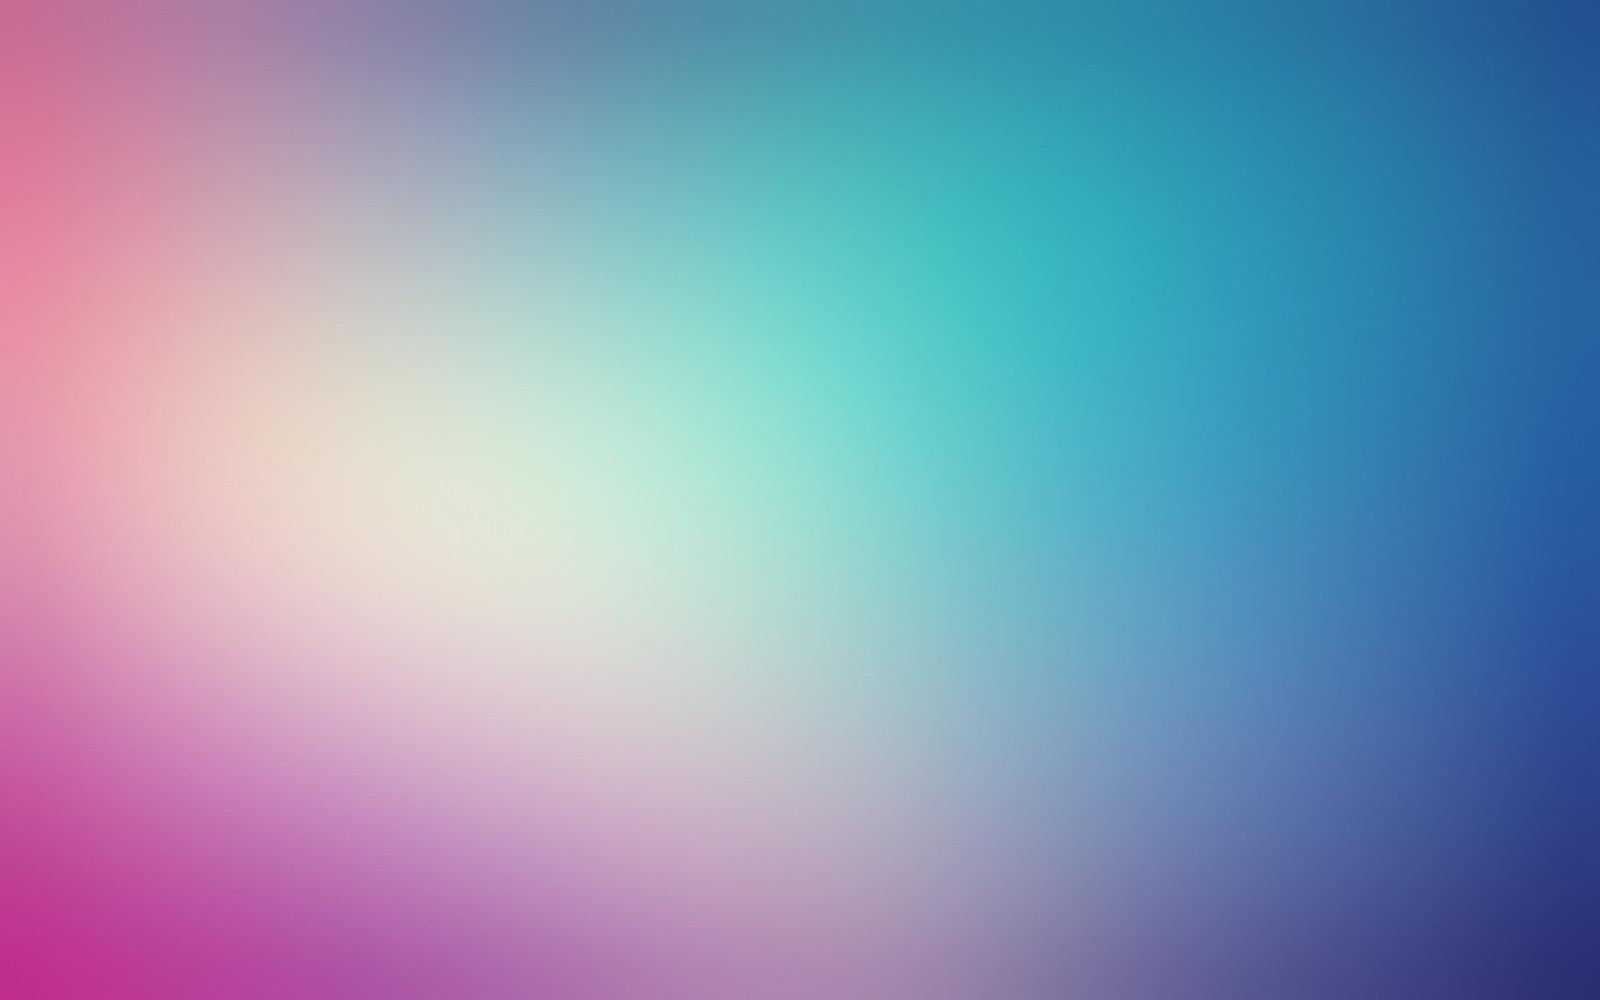 Papel de parede luz solar luzes colorida fundo for Sfondi per desktop colorati